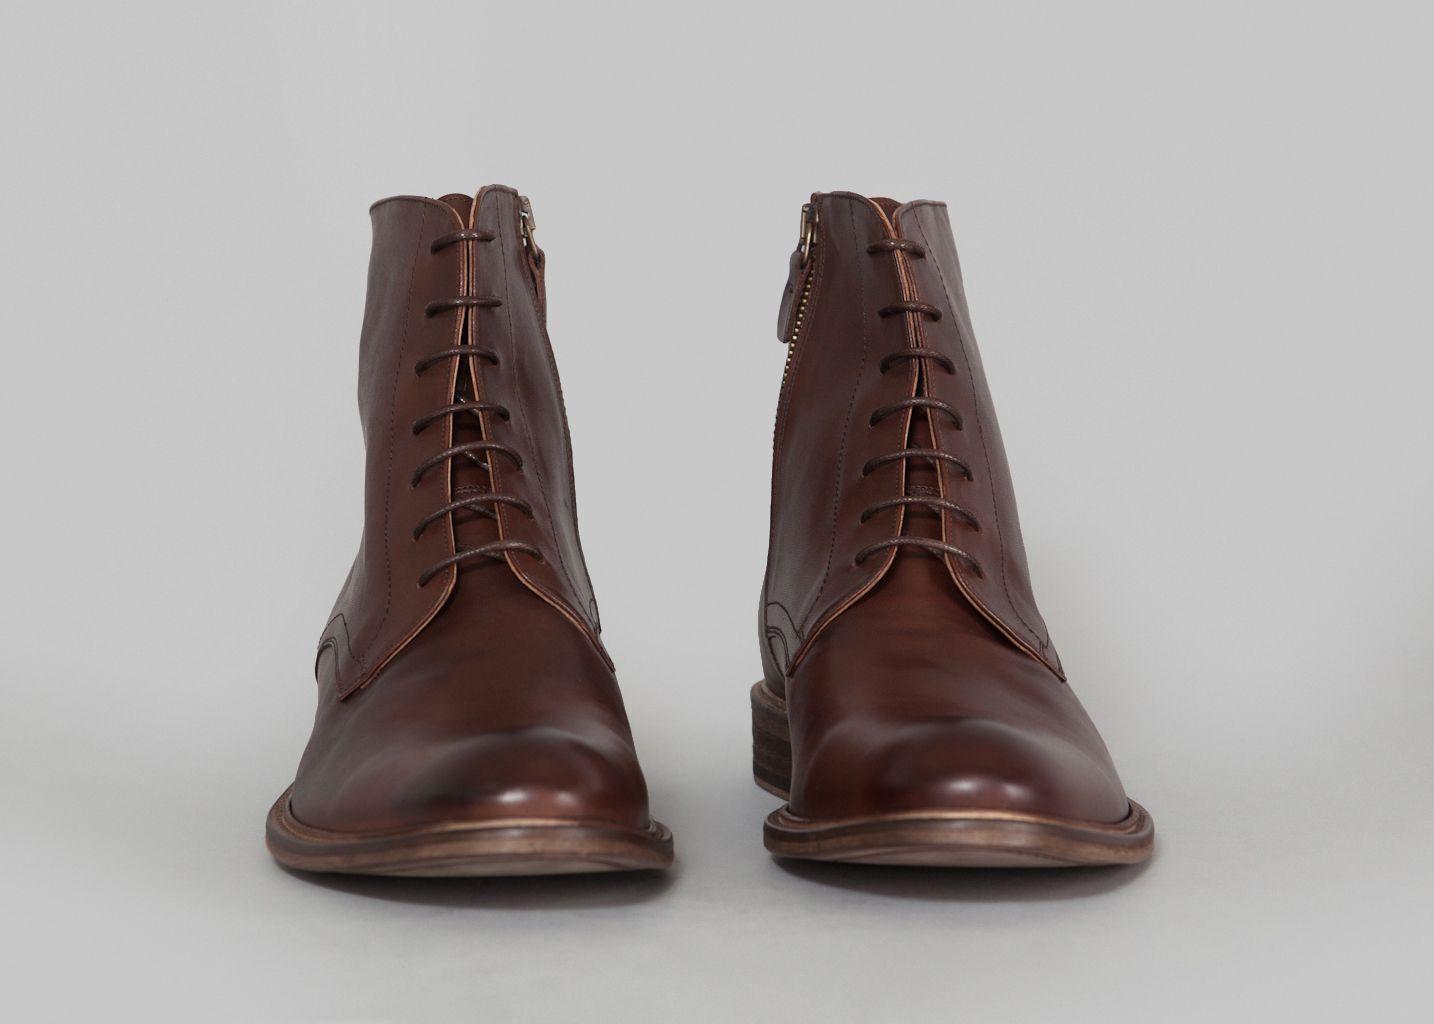 CHAUSSURES - Chaussures à lacetsAnthology Paris Aywdt